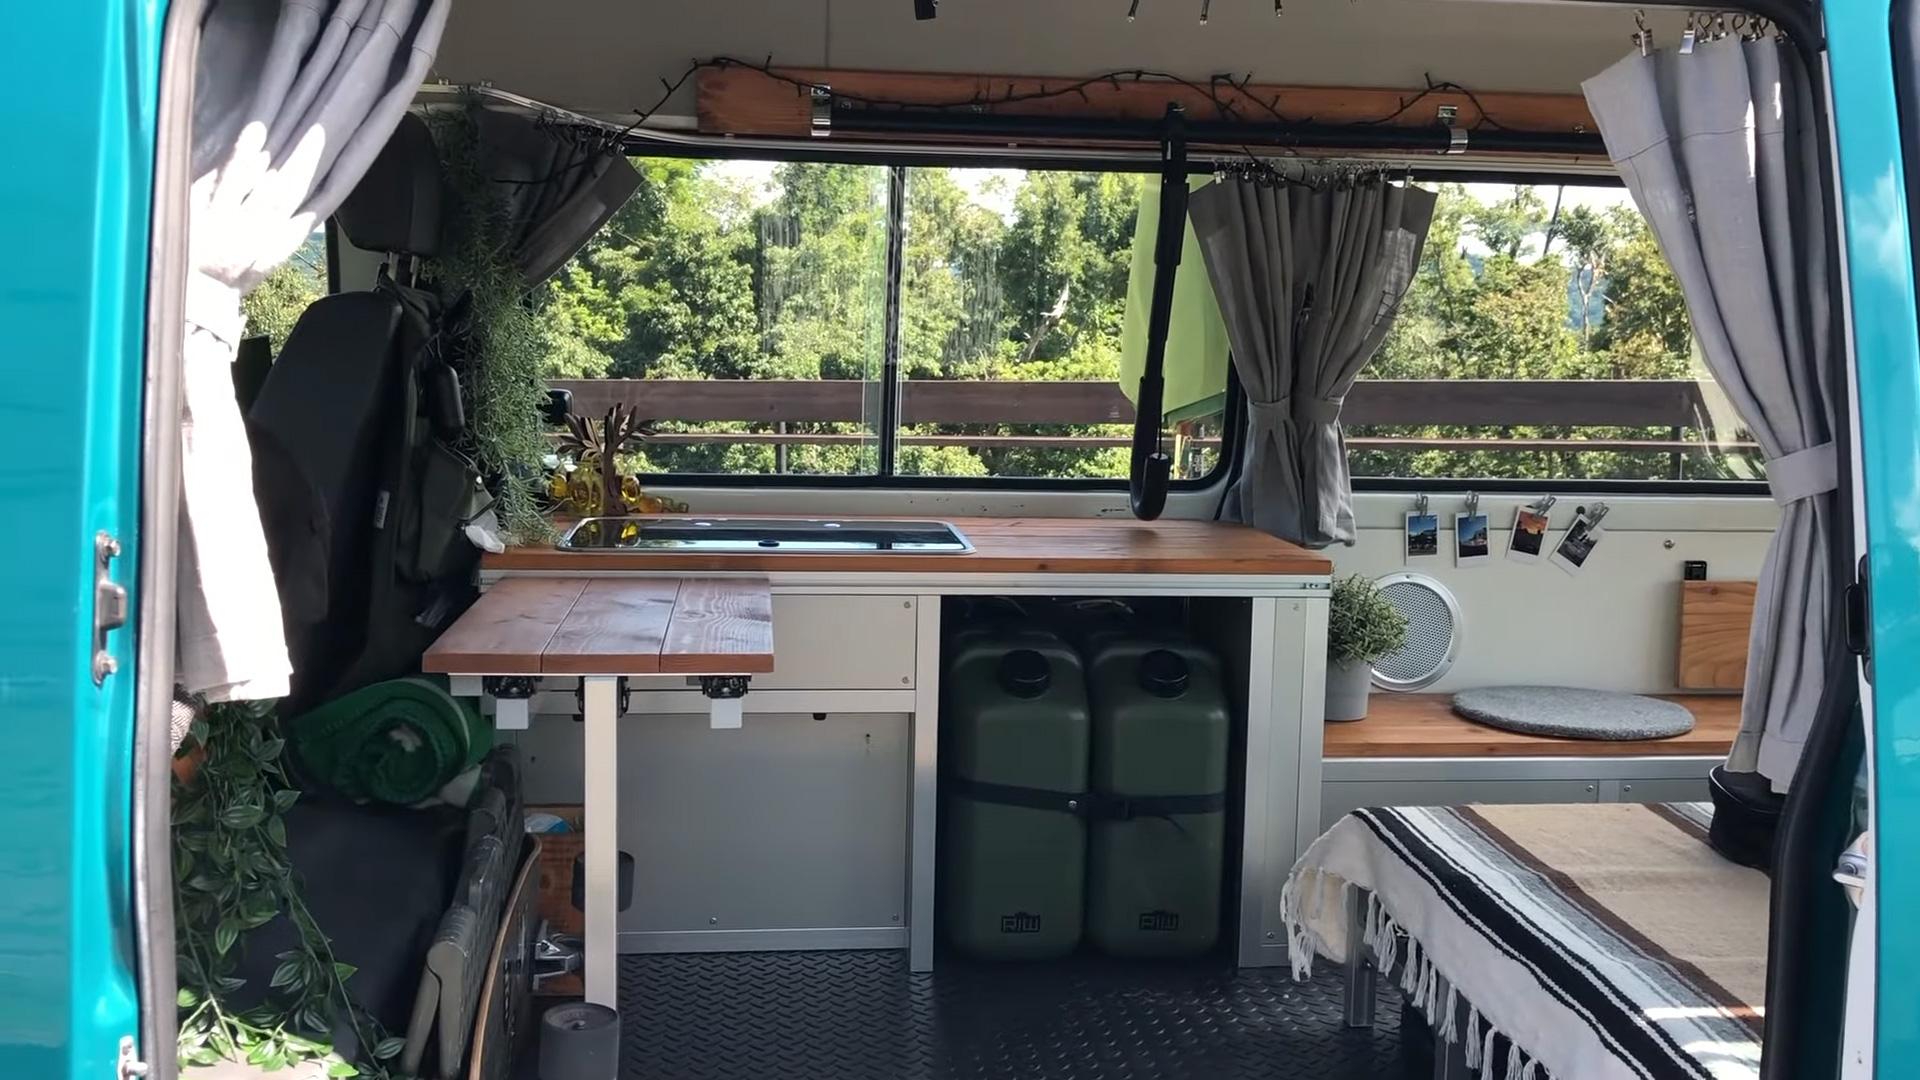 サーフィン向け-ボンゴブローニイバンのキャンピングカー BrawnyRIW-S 内装-キッチン